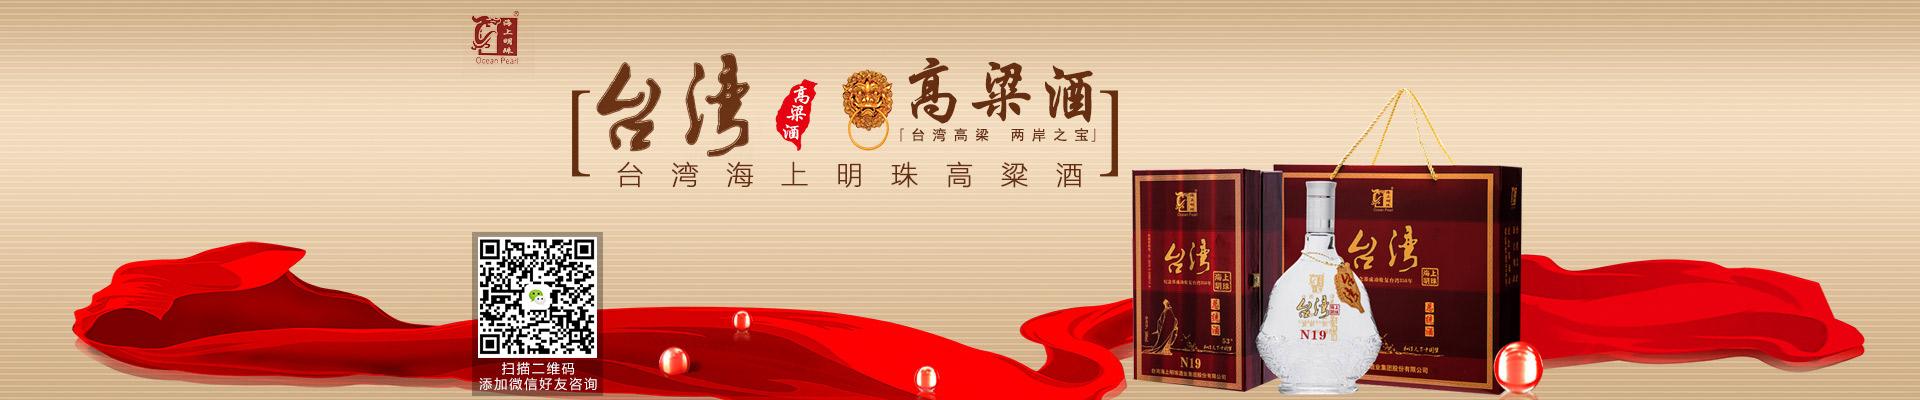 台湾海上明珠酒业集团股份有限公司